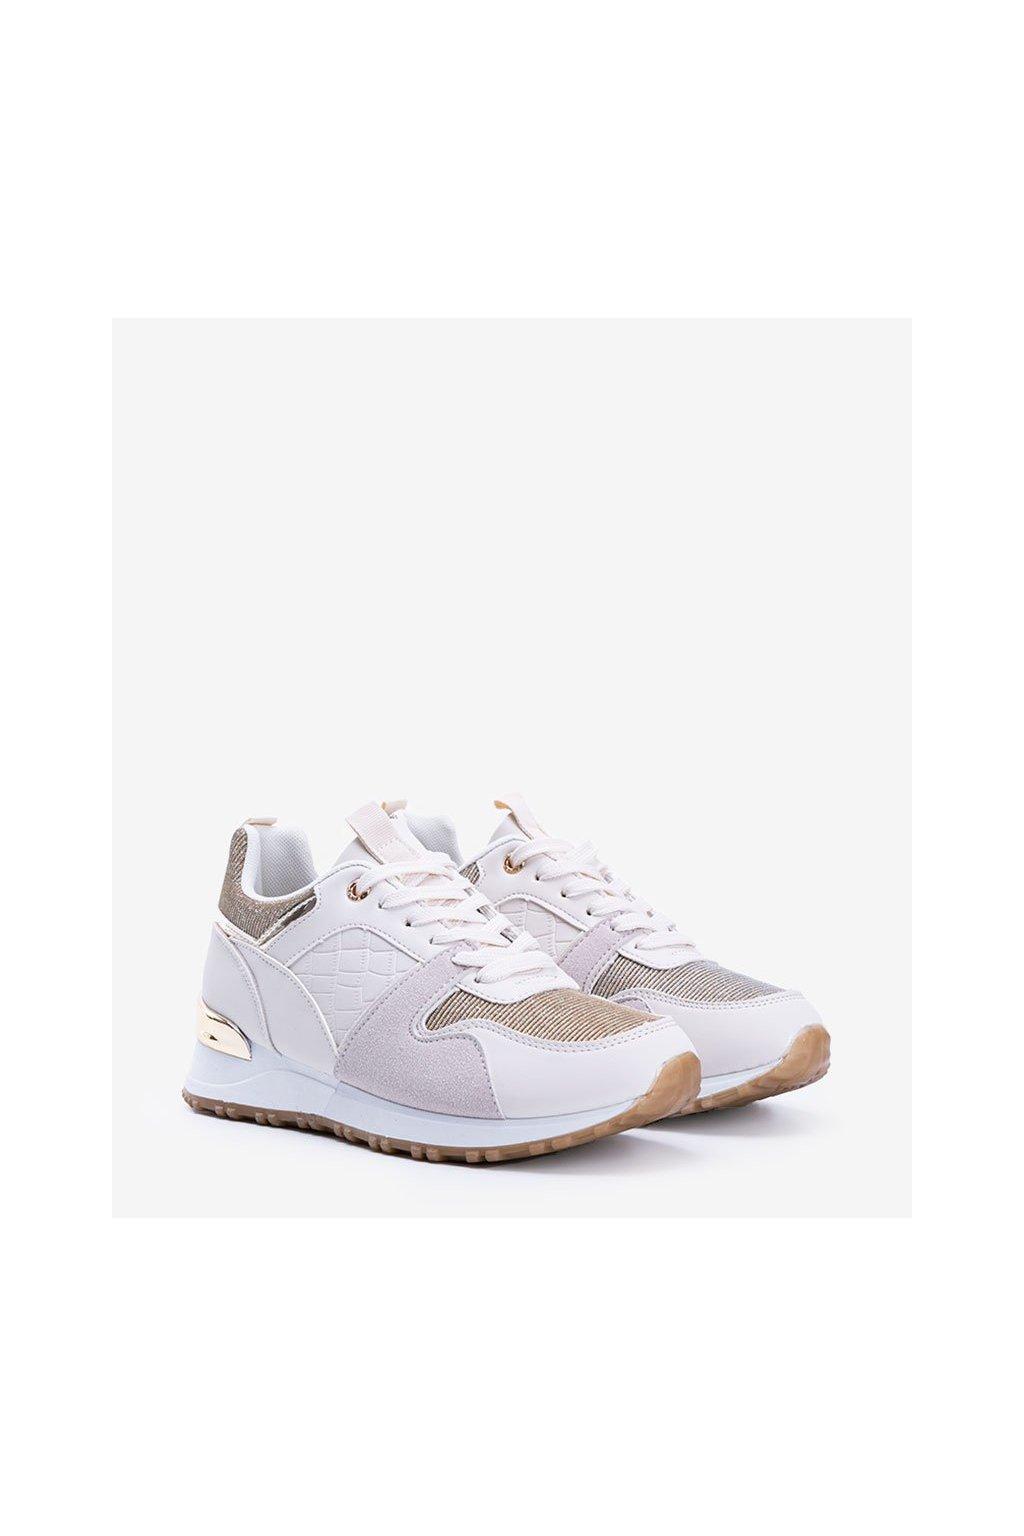 Dámske topánky tenisky hnedé kód C931 - GM